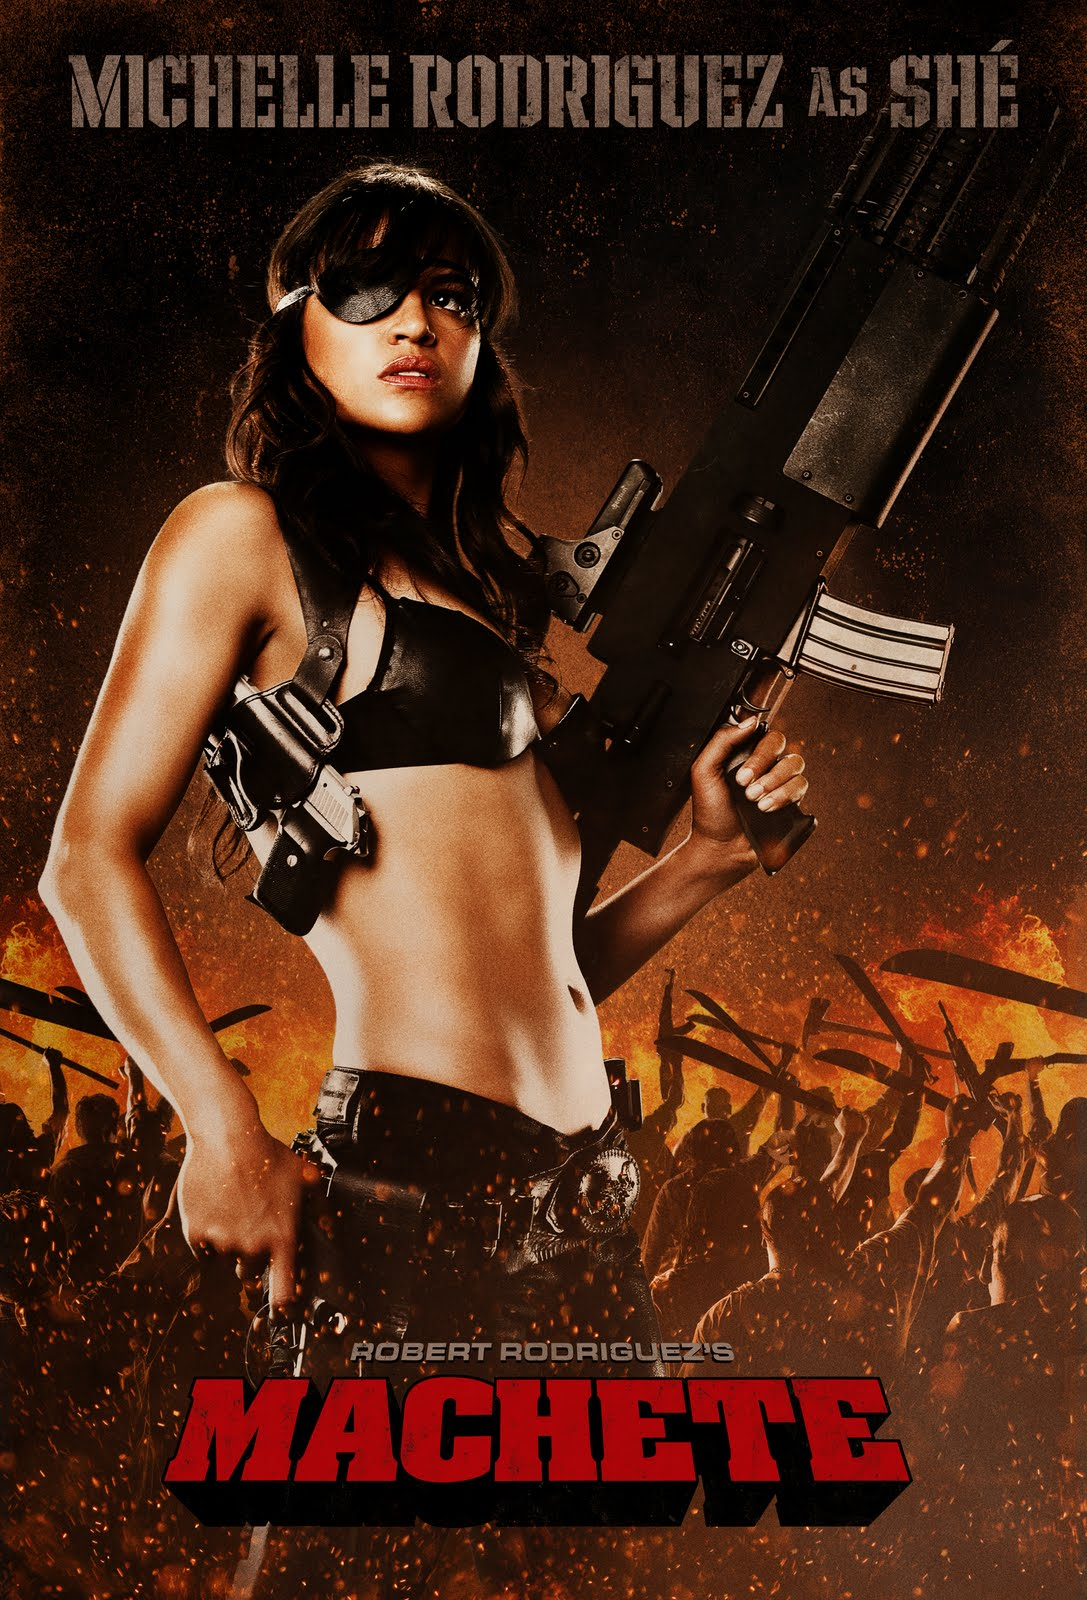 http://3.bp.blogspot.com/_sSkEbHhdKpI/TIR-hFPMihI/AAAAAAAAAmw/0uMIDkW75yk/s1600/machete-MACHETE_RODRIGUEZ_1sh_v3_rgb.jpg